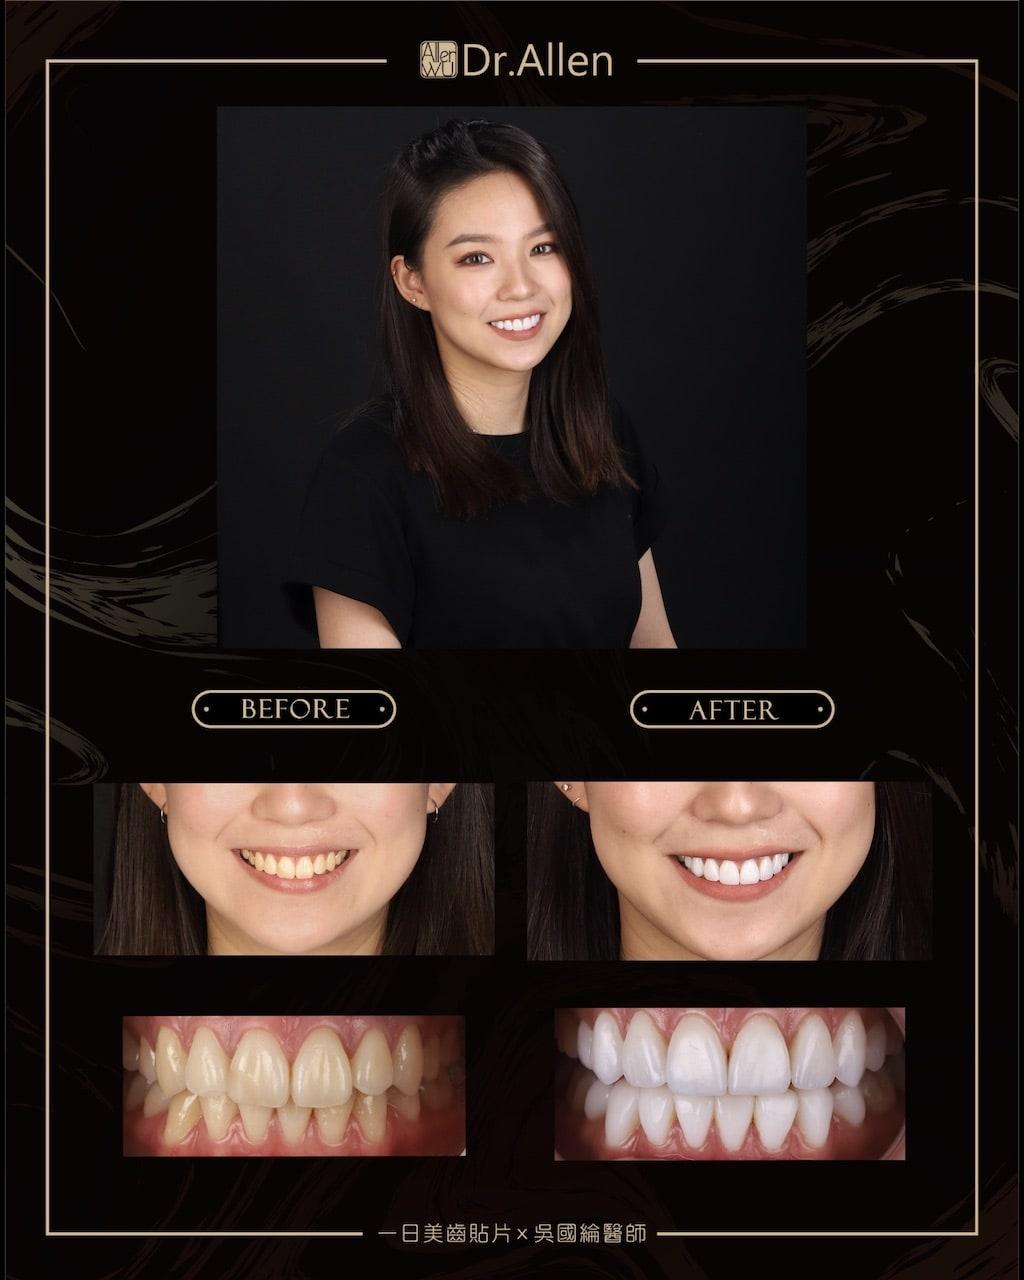 瓷牙貼片-DSD數位微笑設計-全瓷冠牙齒貼片推薦吳國綸醫師-網美人氣正妹牙齒美白心得